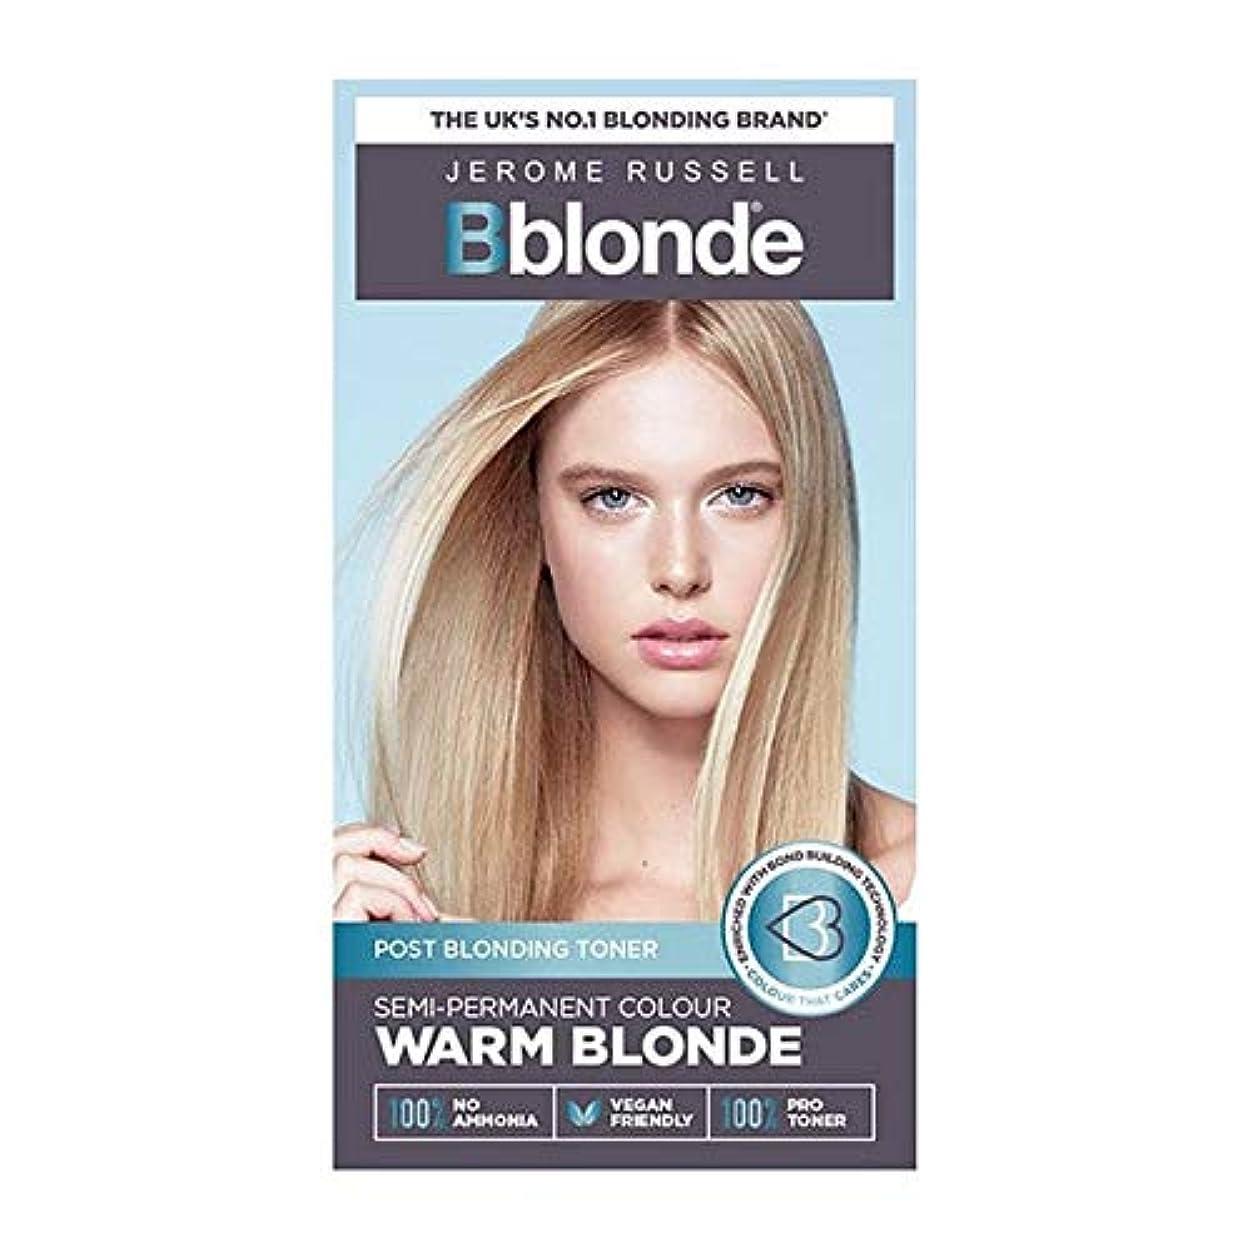 推進力持ってるれる[Jerome Russell ] ジェロームラッセルBblonde半恒久的なトナー暖かいブロンド - Jerome Russell Bblonde Semi Permanent Toner Warm Blonde [並行輸入品]